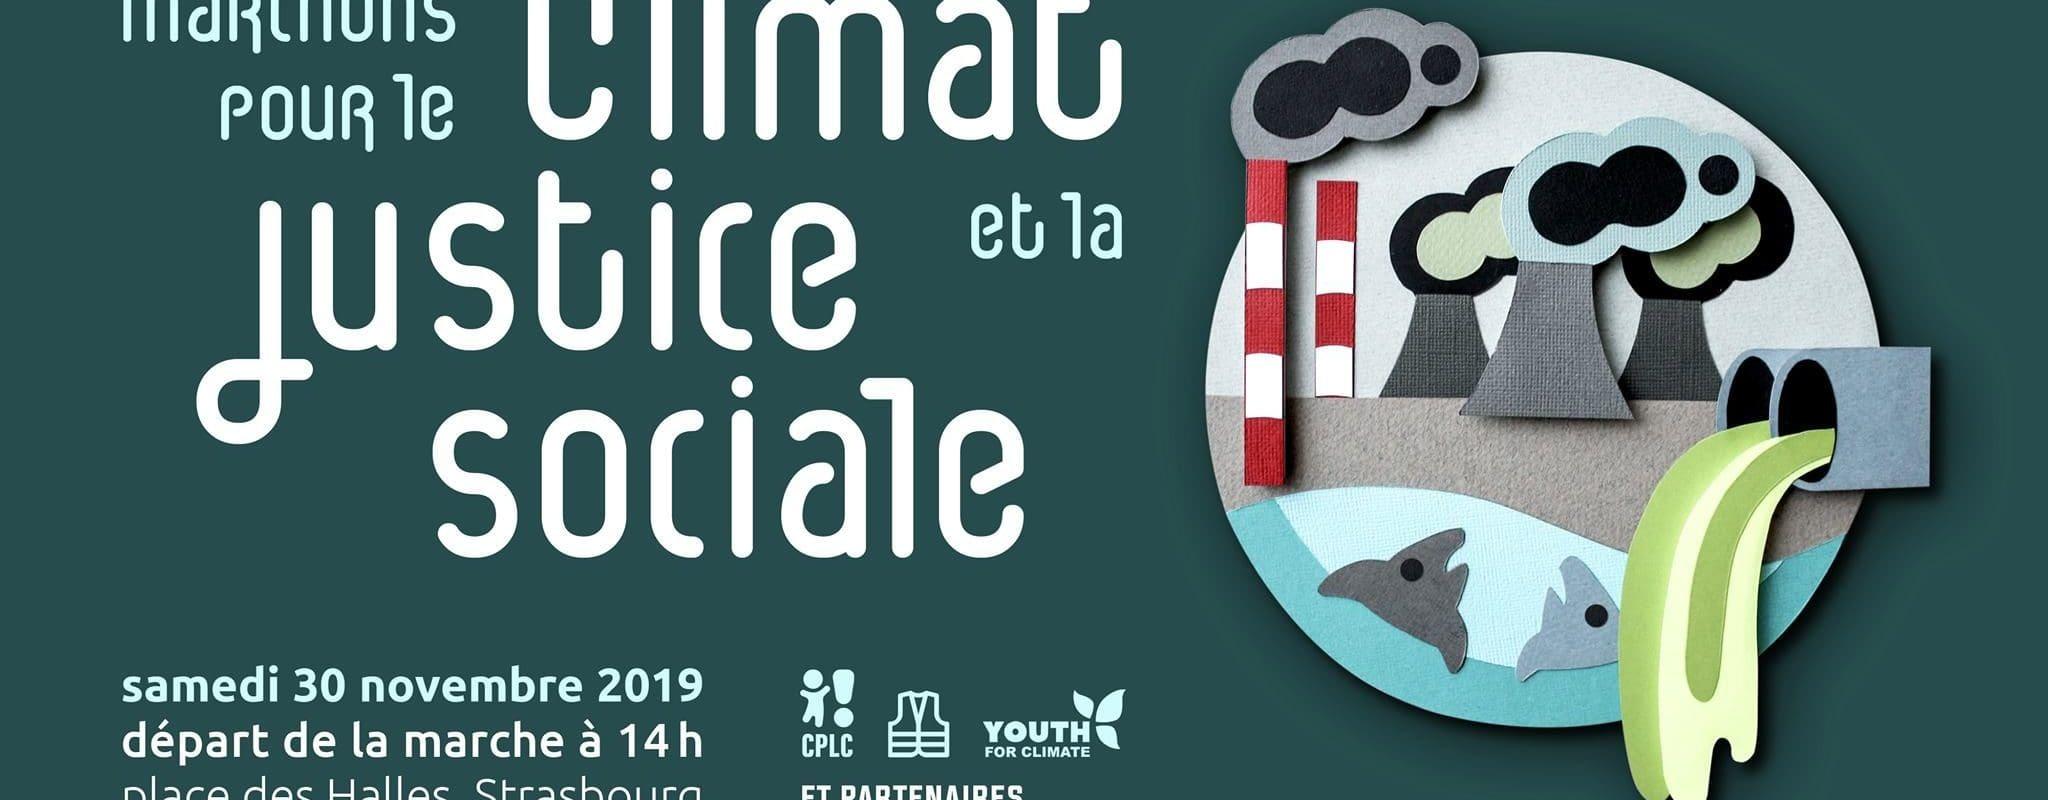 Une marche pour «le climat et la justice sociale» samedi